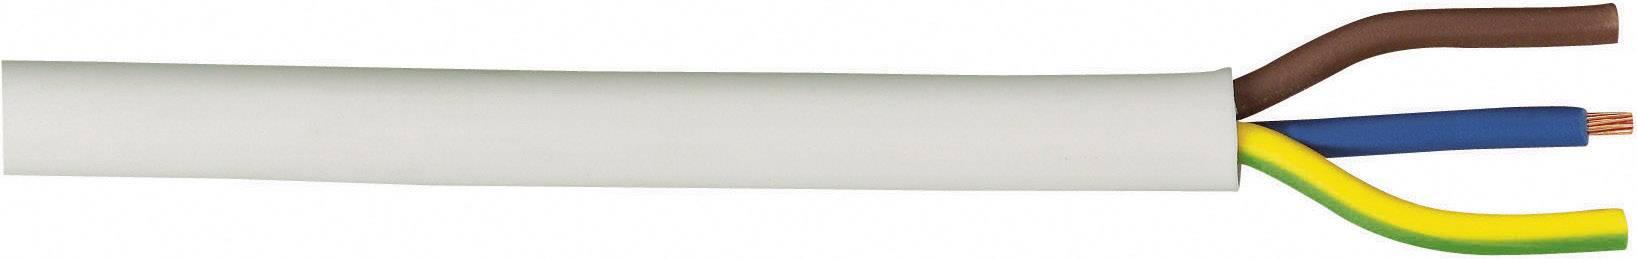 Vícežílový kabel LAPP H05VV-F, 49900078, 3 G 1.50 mm², bílá, 10 m